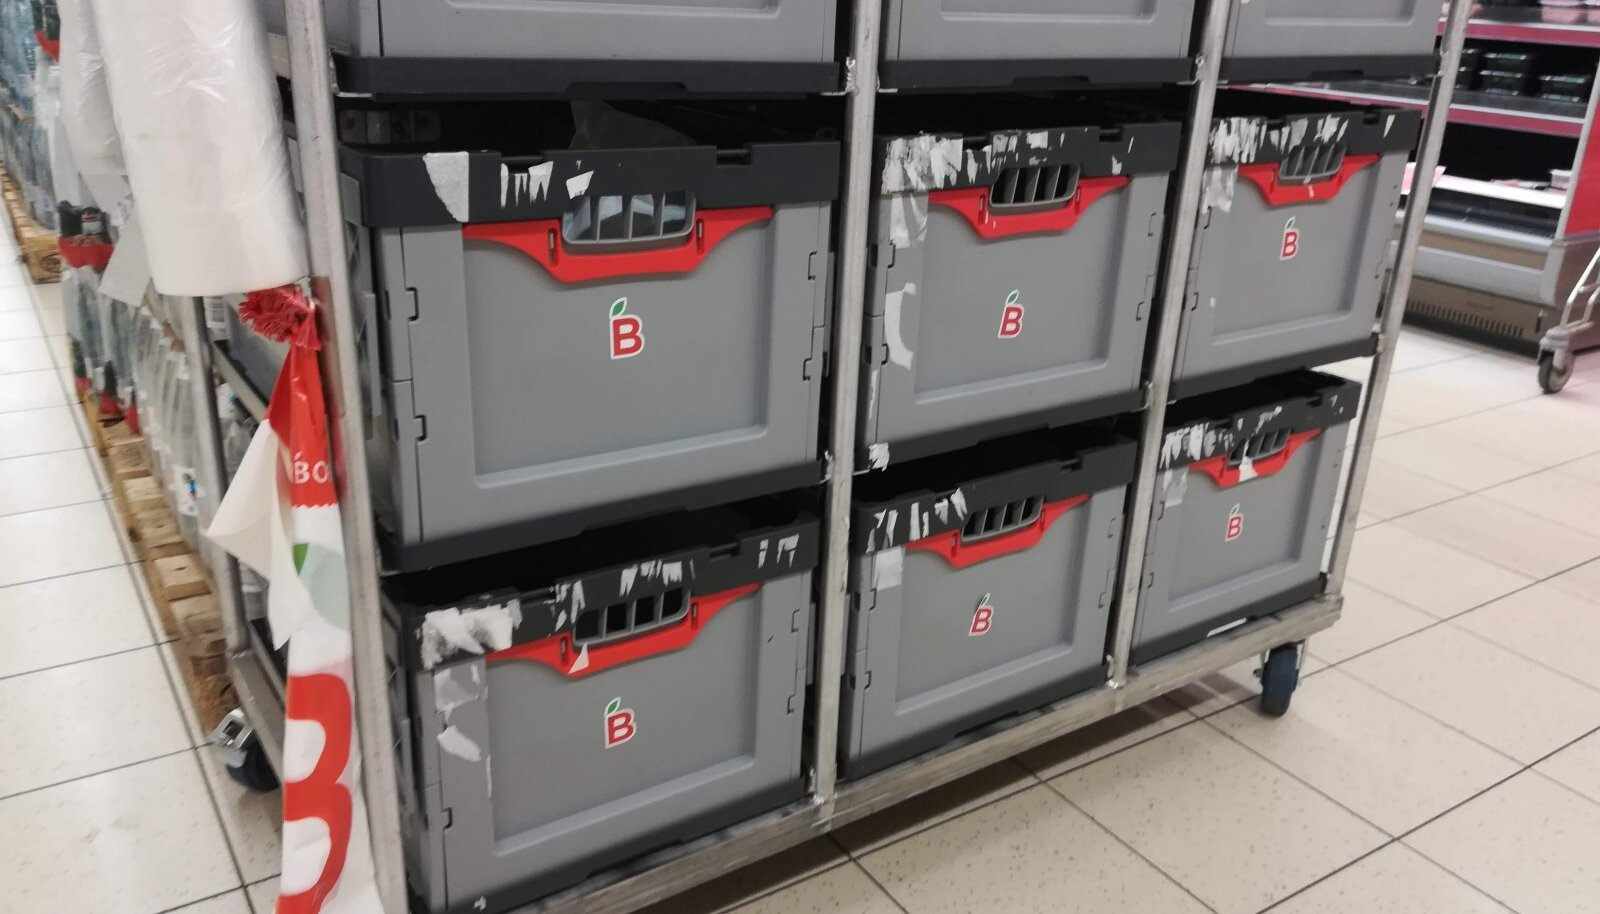 Barbora.ee tellimused komplekteeritakse Linnamäe teel asuvas Maxima kaupluses, kust need kliendini toimetatakse.